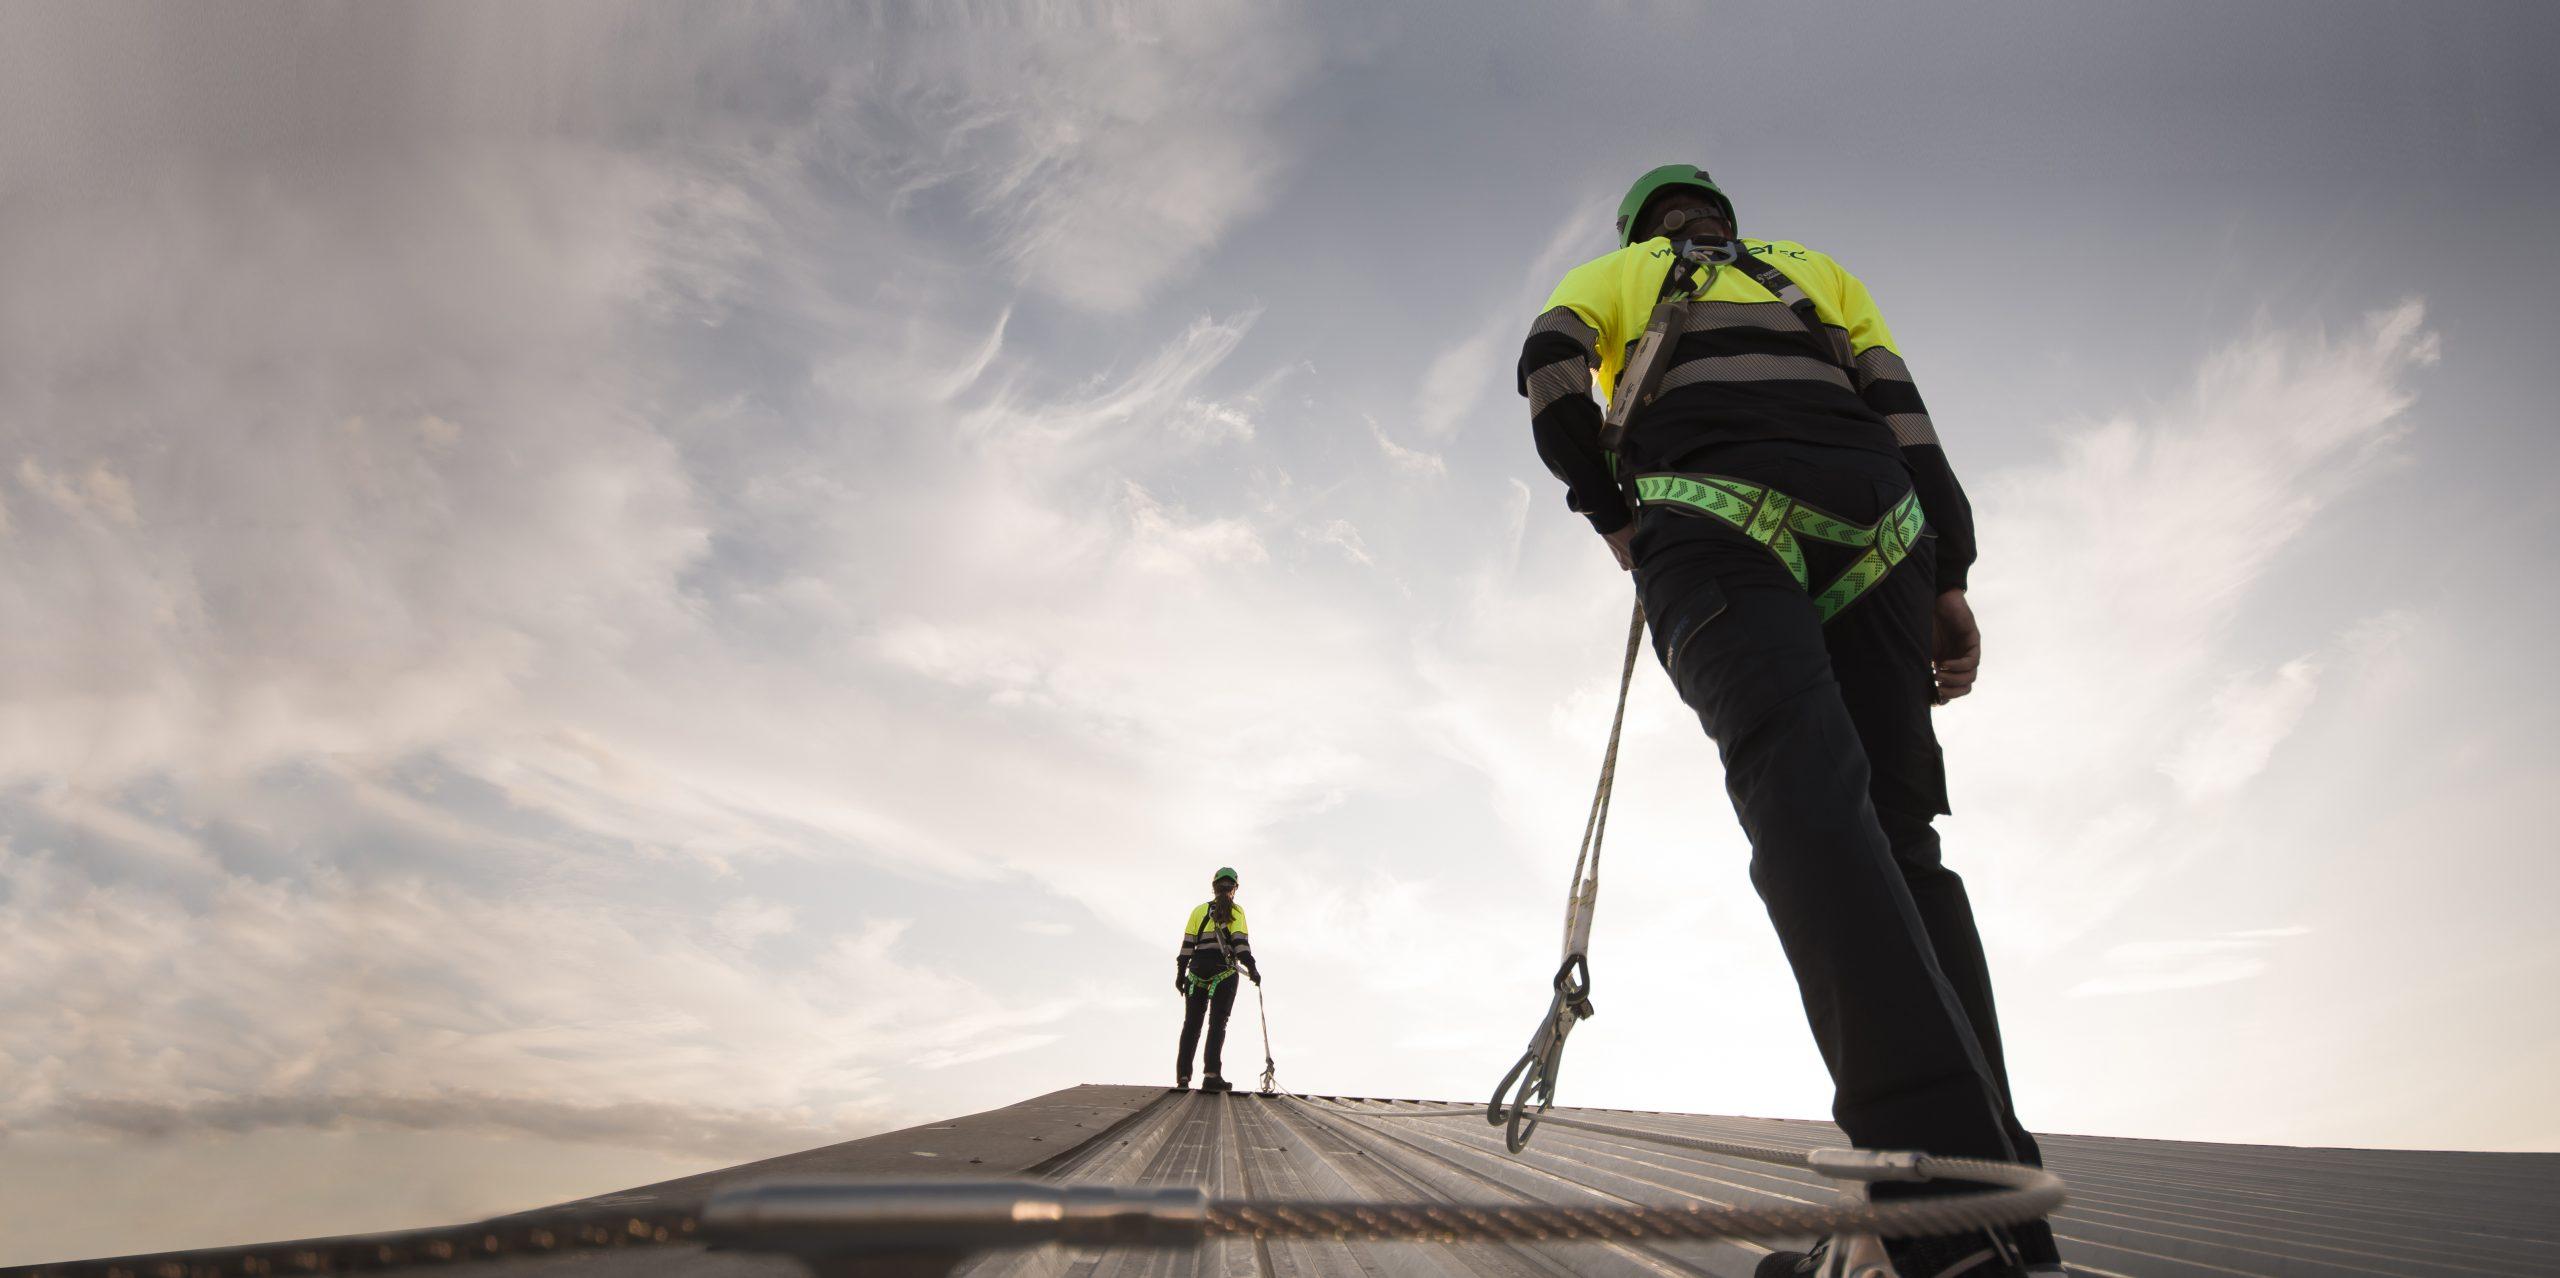 Soluciones integrales de seguridad en altura - Workprotec